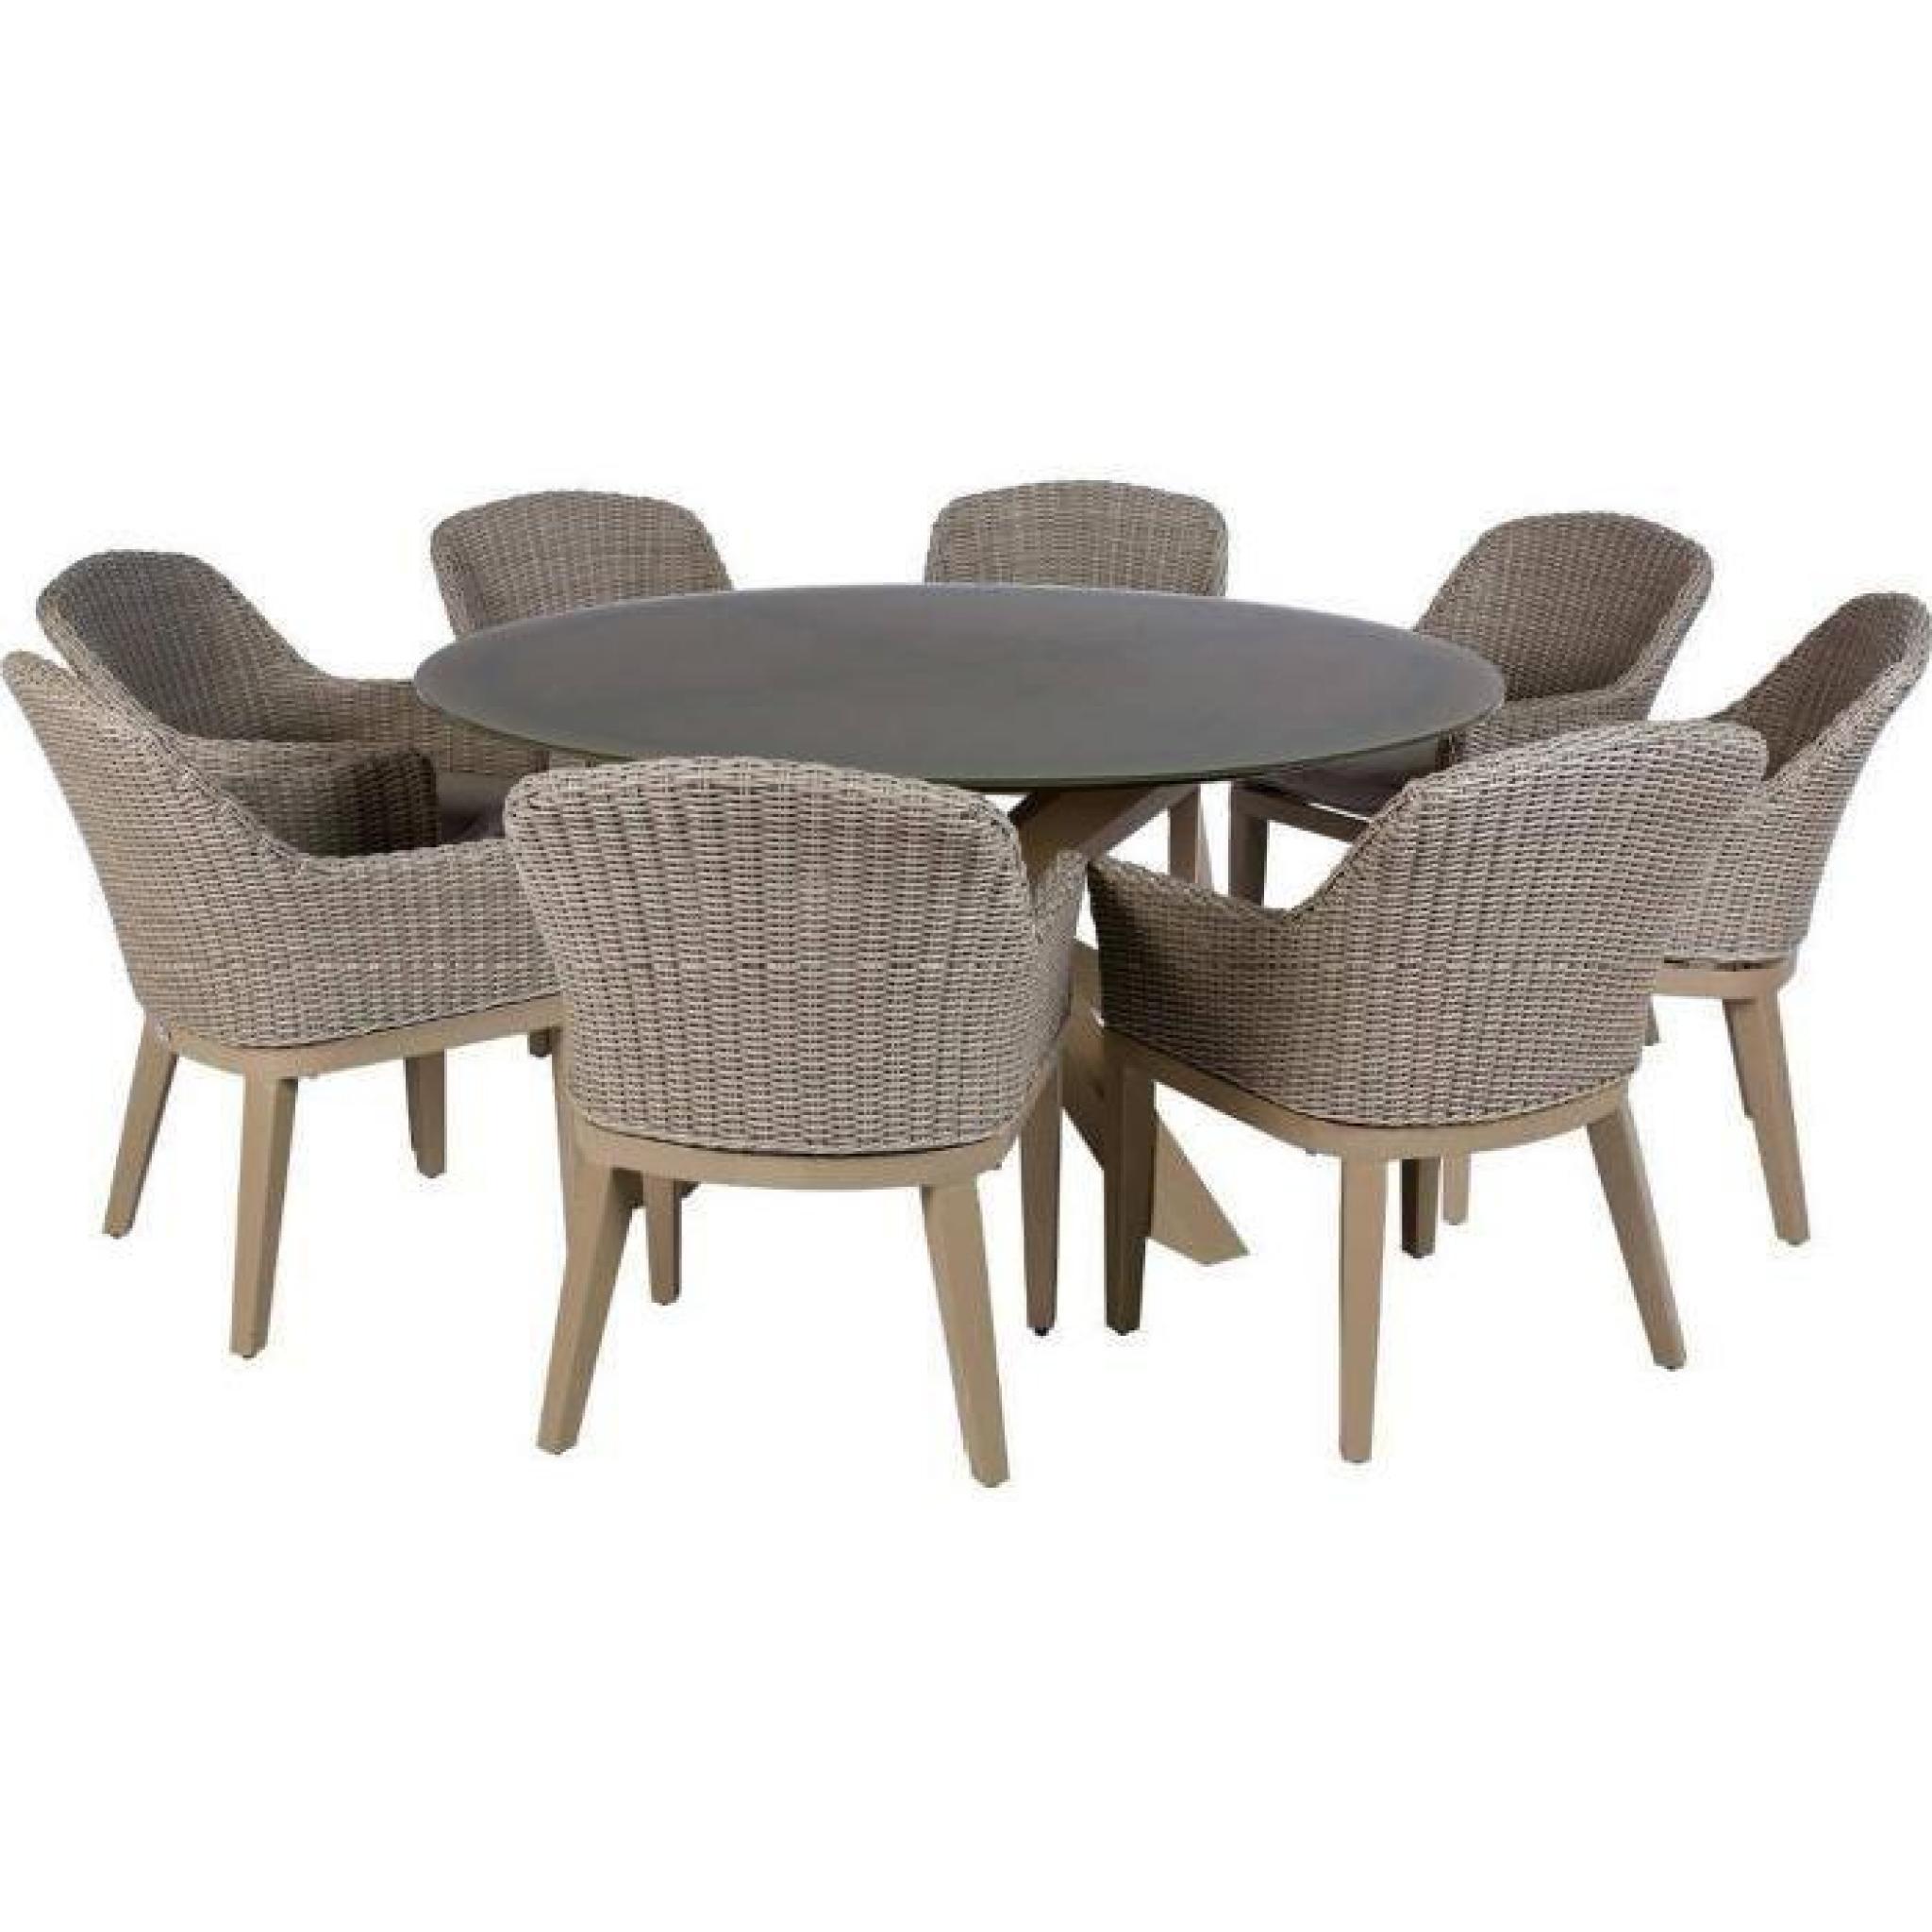 Table Ronde De Jardin En Aluminium Coloris Taupe - Dim : D 160 X H 75Cm intérieur Table Ronde Jardin Pas Cher